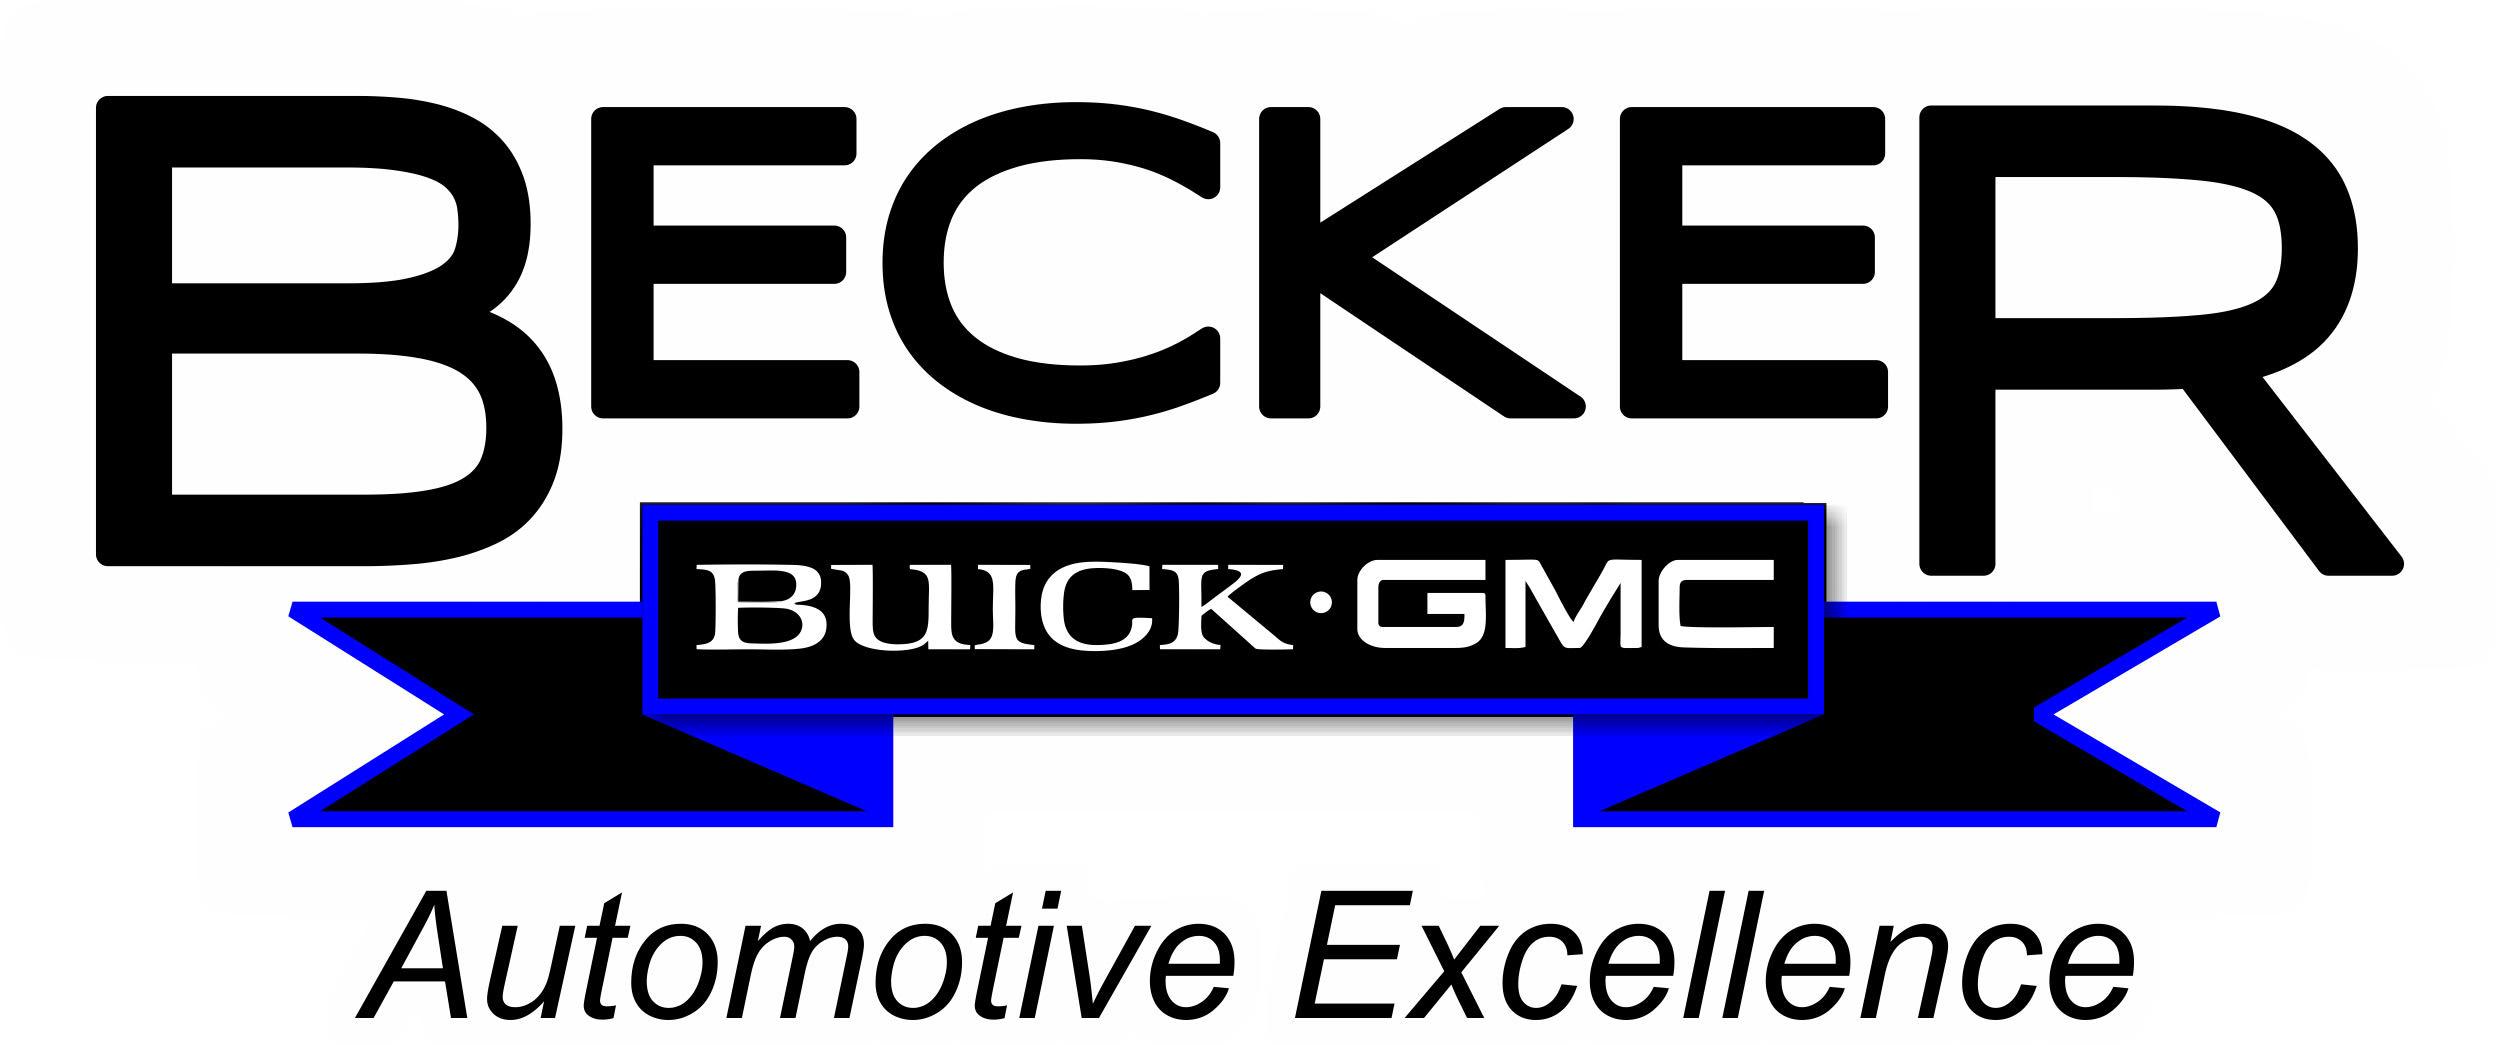 Becker Buick GMC